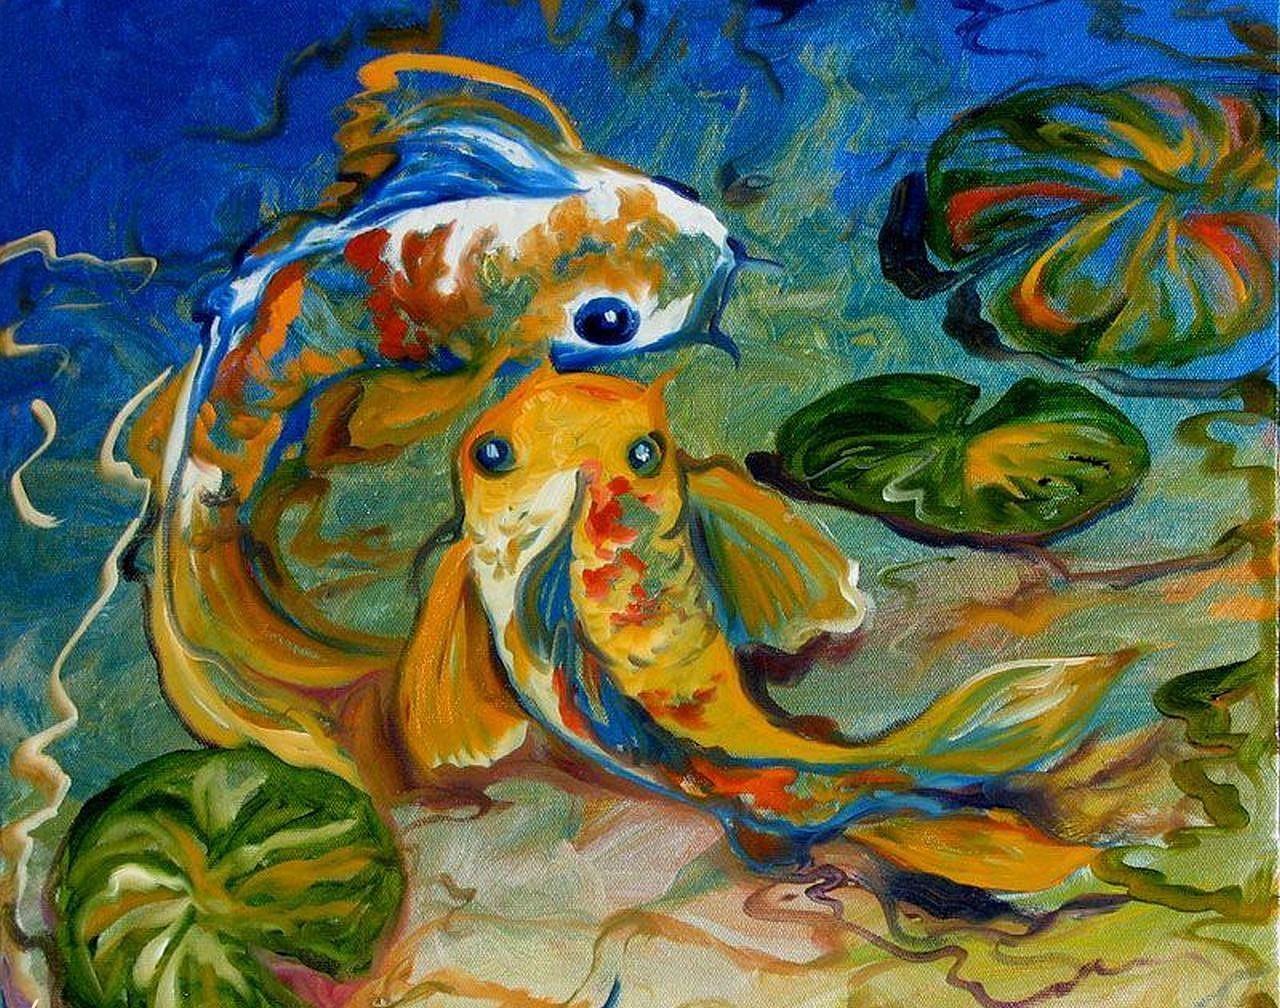 """Художник Марсия Болдуин. . Дополнение Marcia Baldwin (113 работ) """" Картины, художники, фотографы на Nevsepic"""